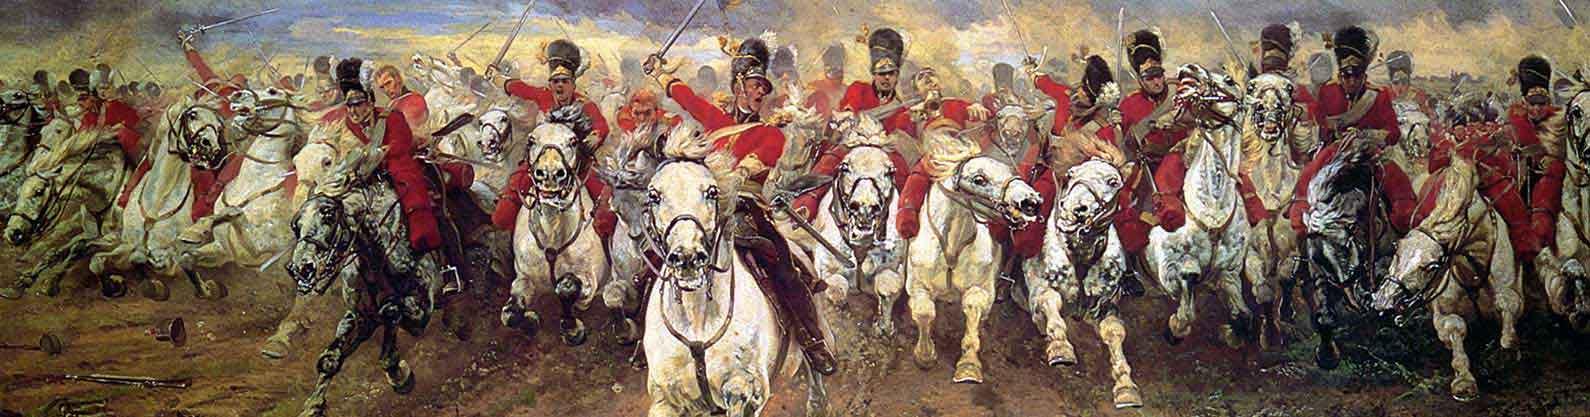 1815-Battle-of-Waterloo